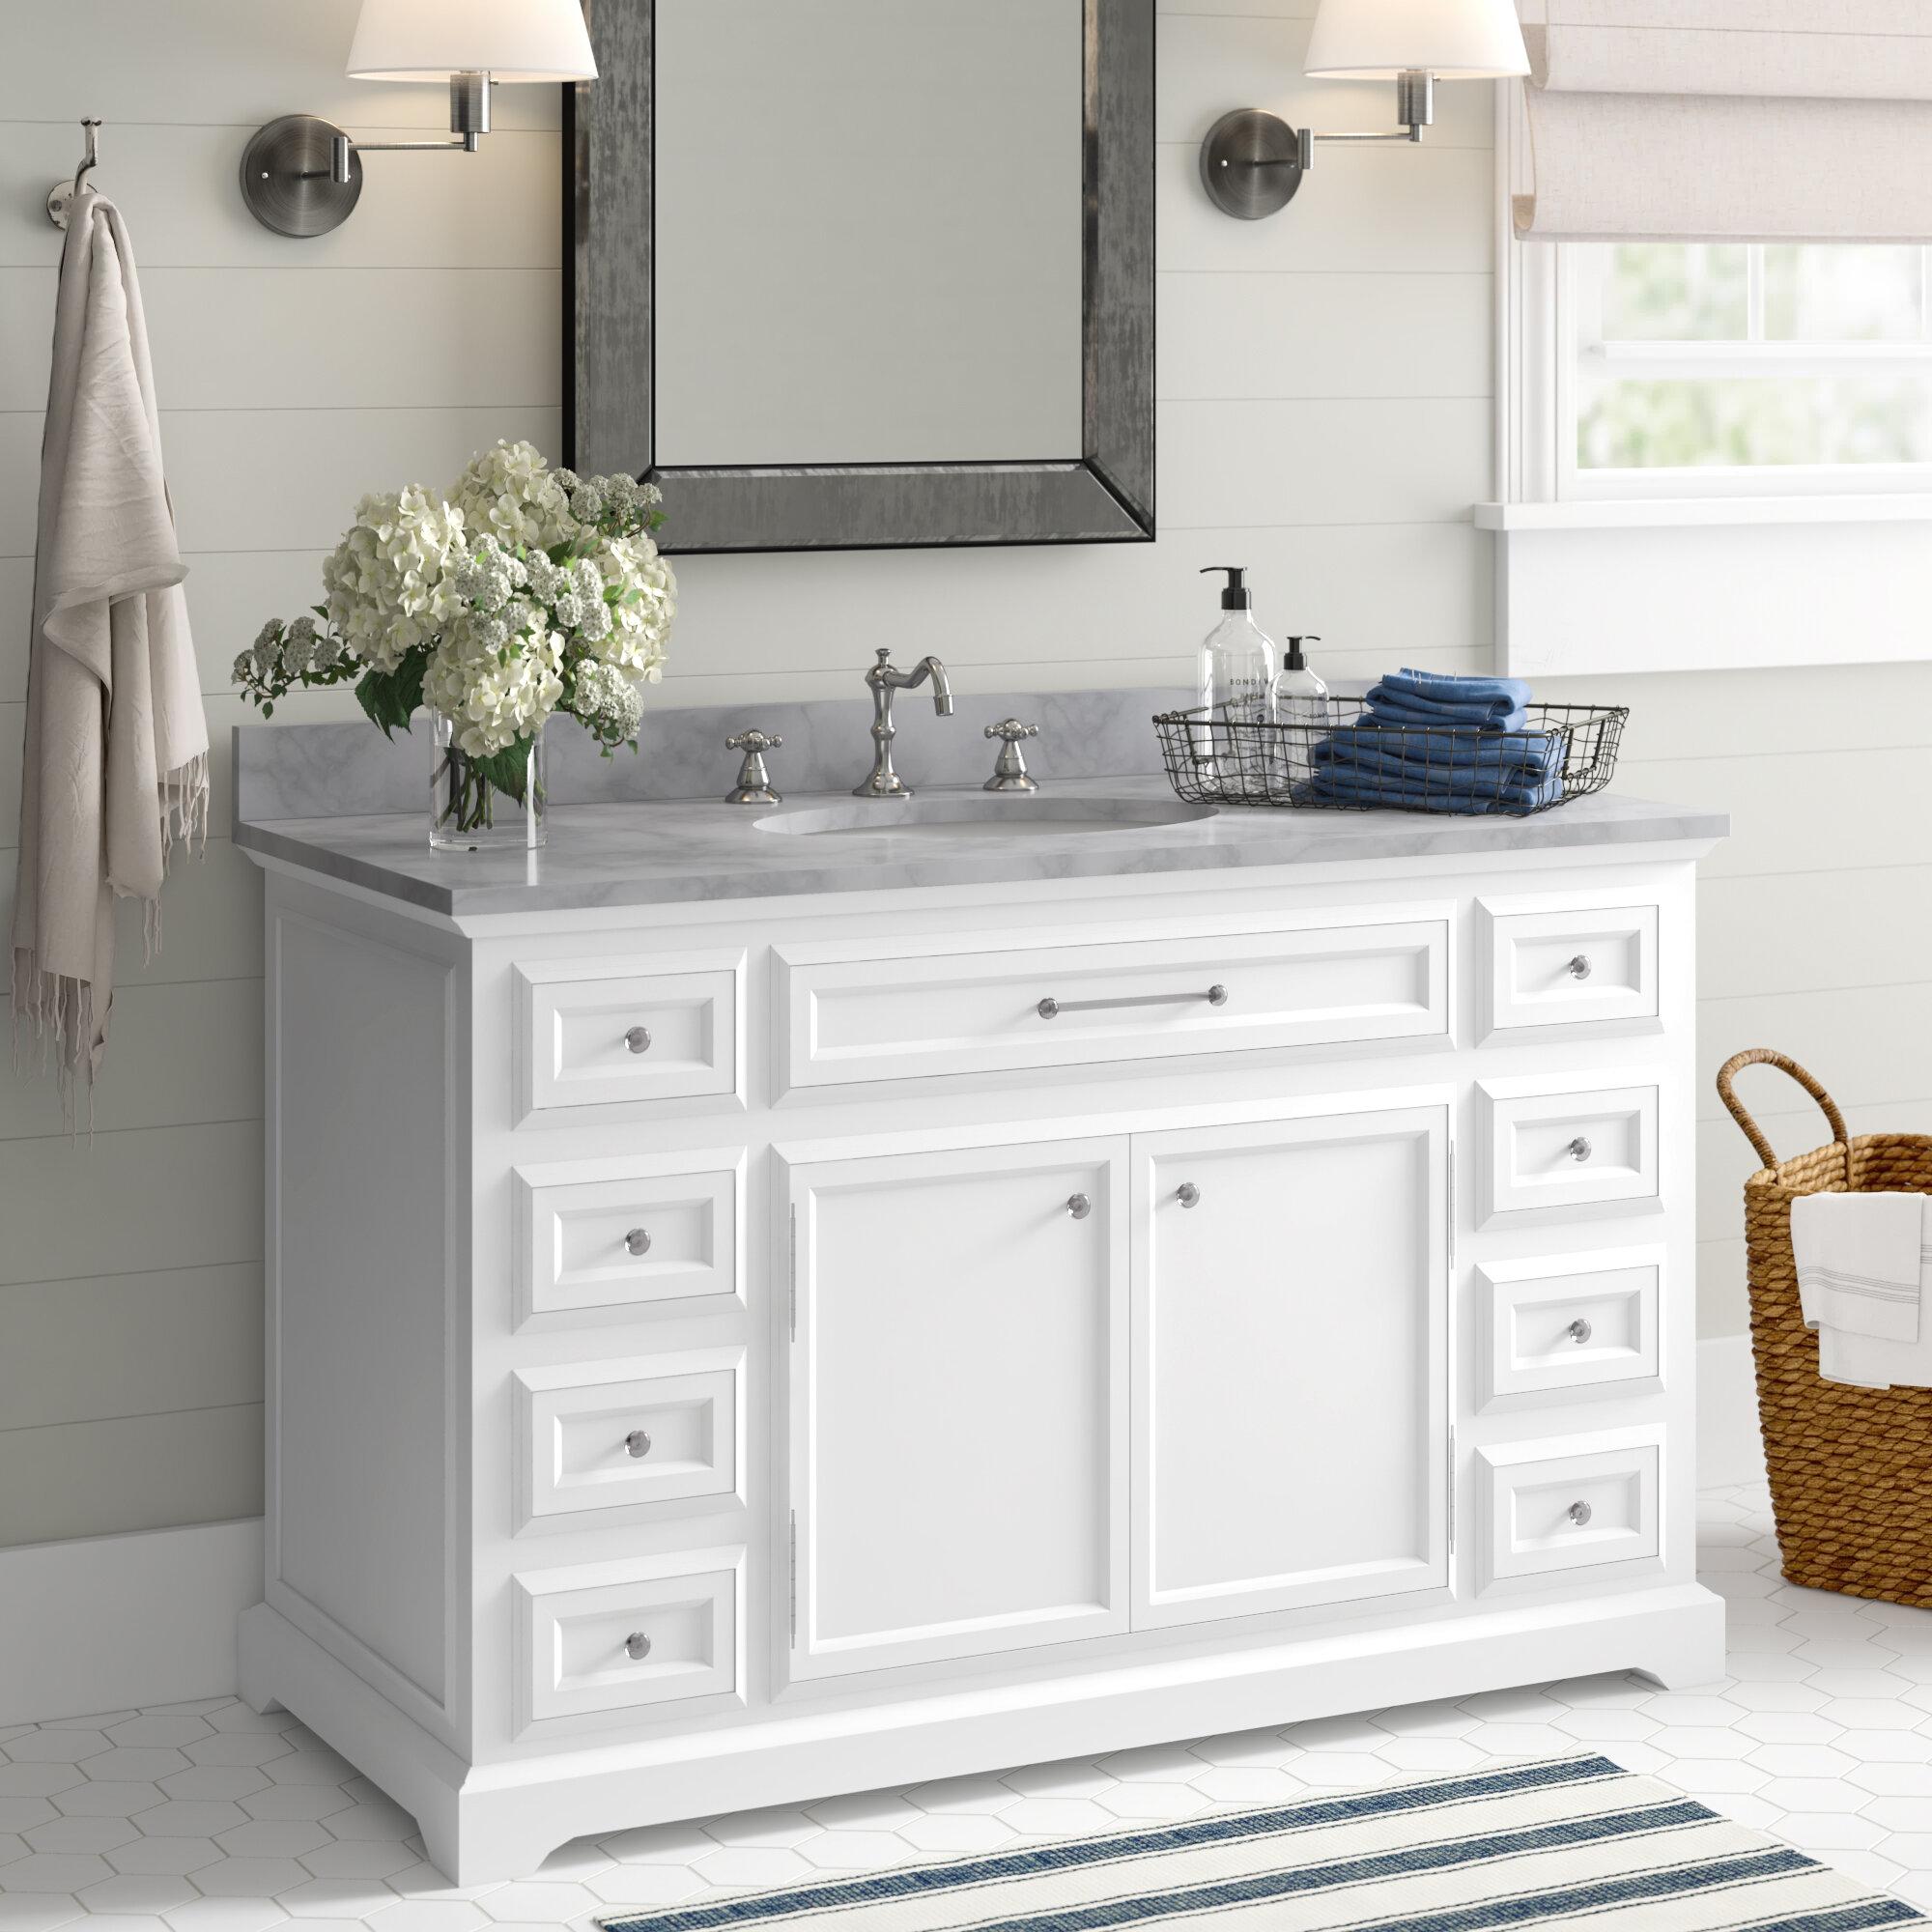 Rooney 48 Single Bathroom Vanity Set Reviews Birch Lane